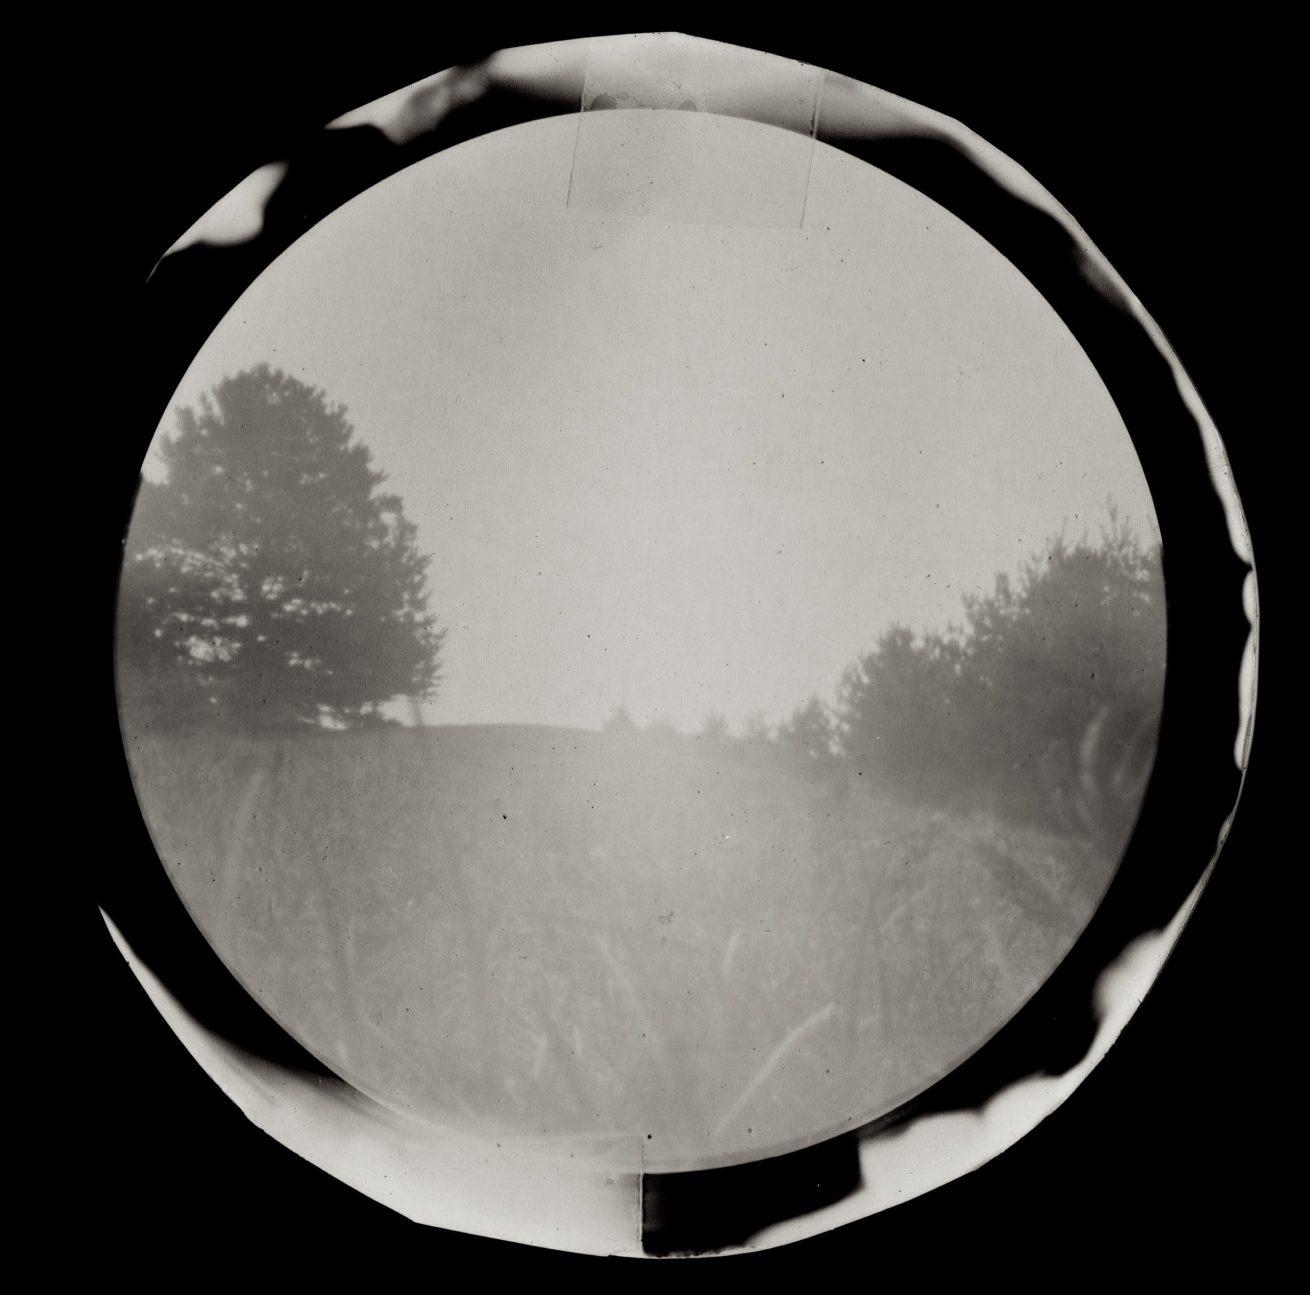 pose – bio ecologique photographie drome diois – lucyy 2